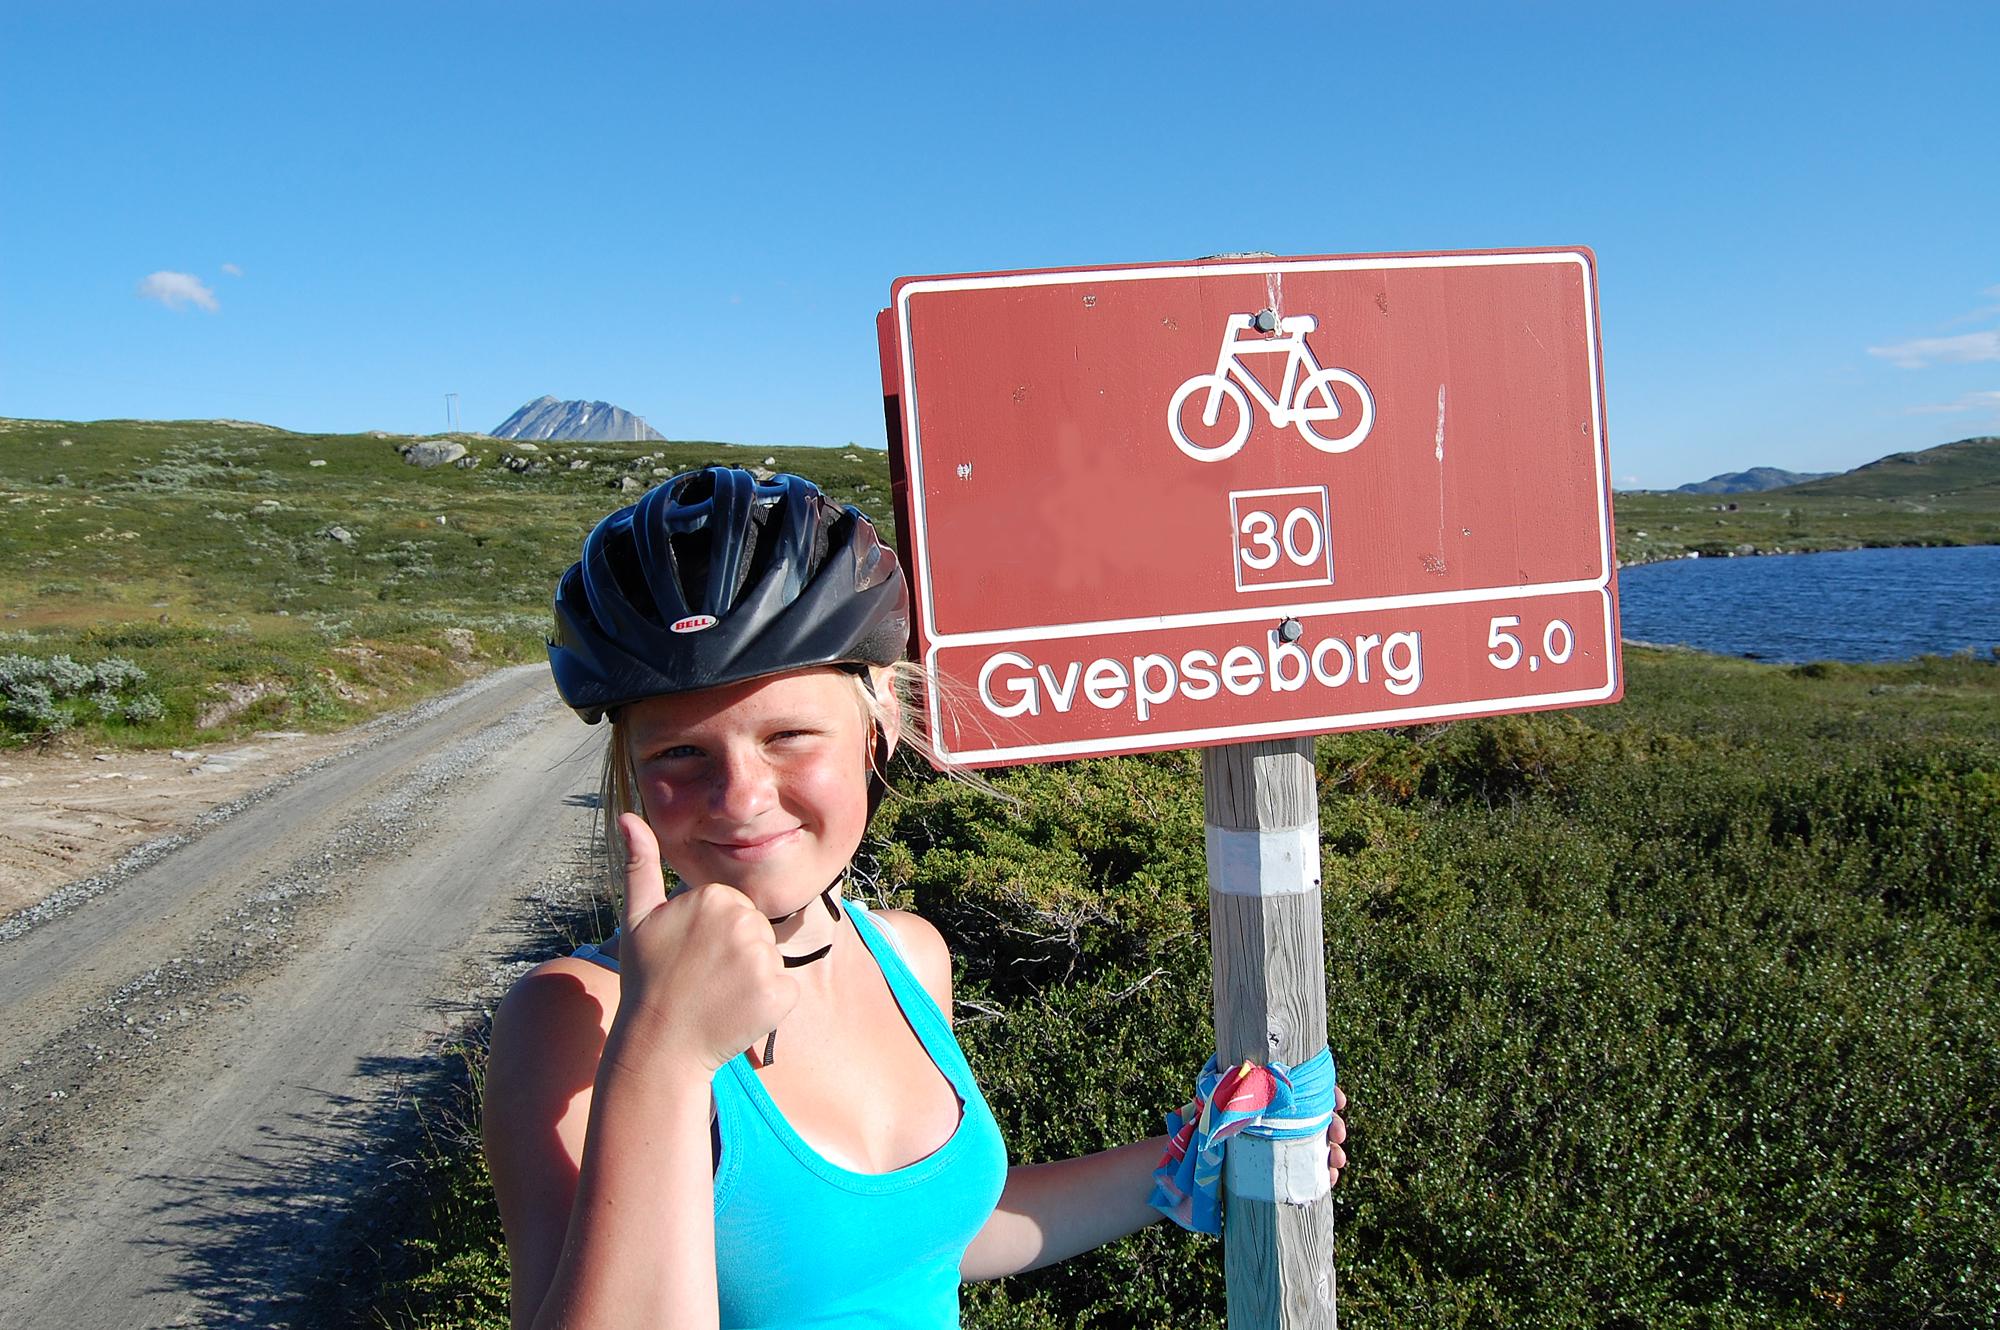 Strekningen fra Gvepseborg til Kalhovd er totalt 30 km , © Kjell Gunnar Dahle